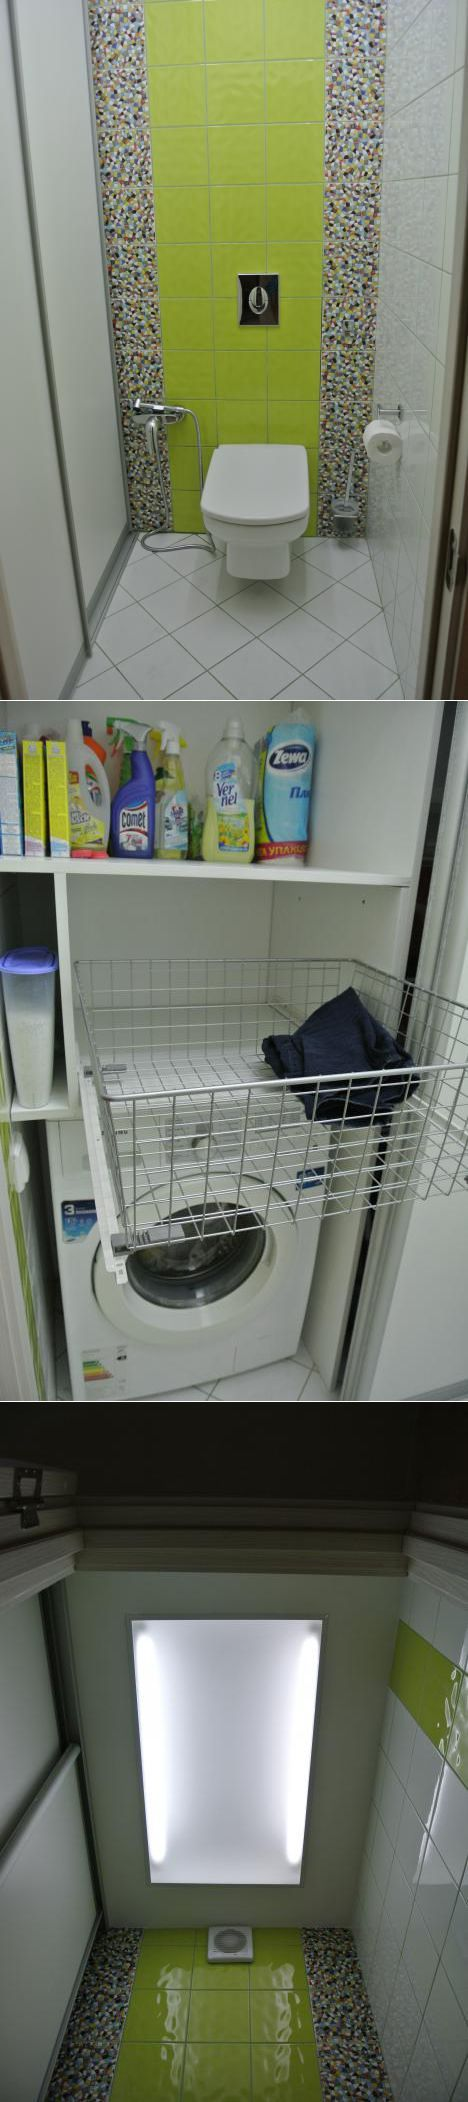 Туалет + шкафчик для Золушки | Твой Ремонт!!! | хобби | Постила